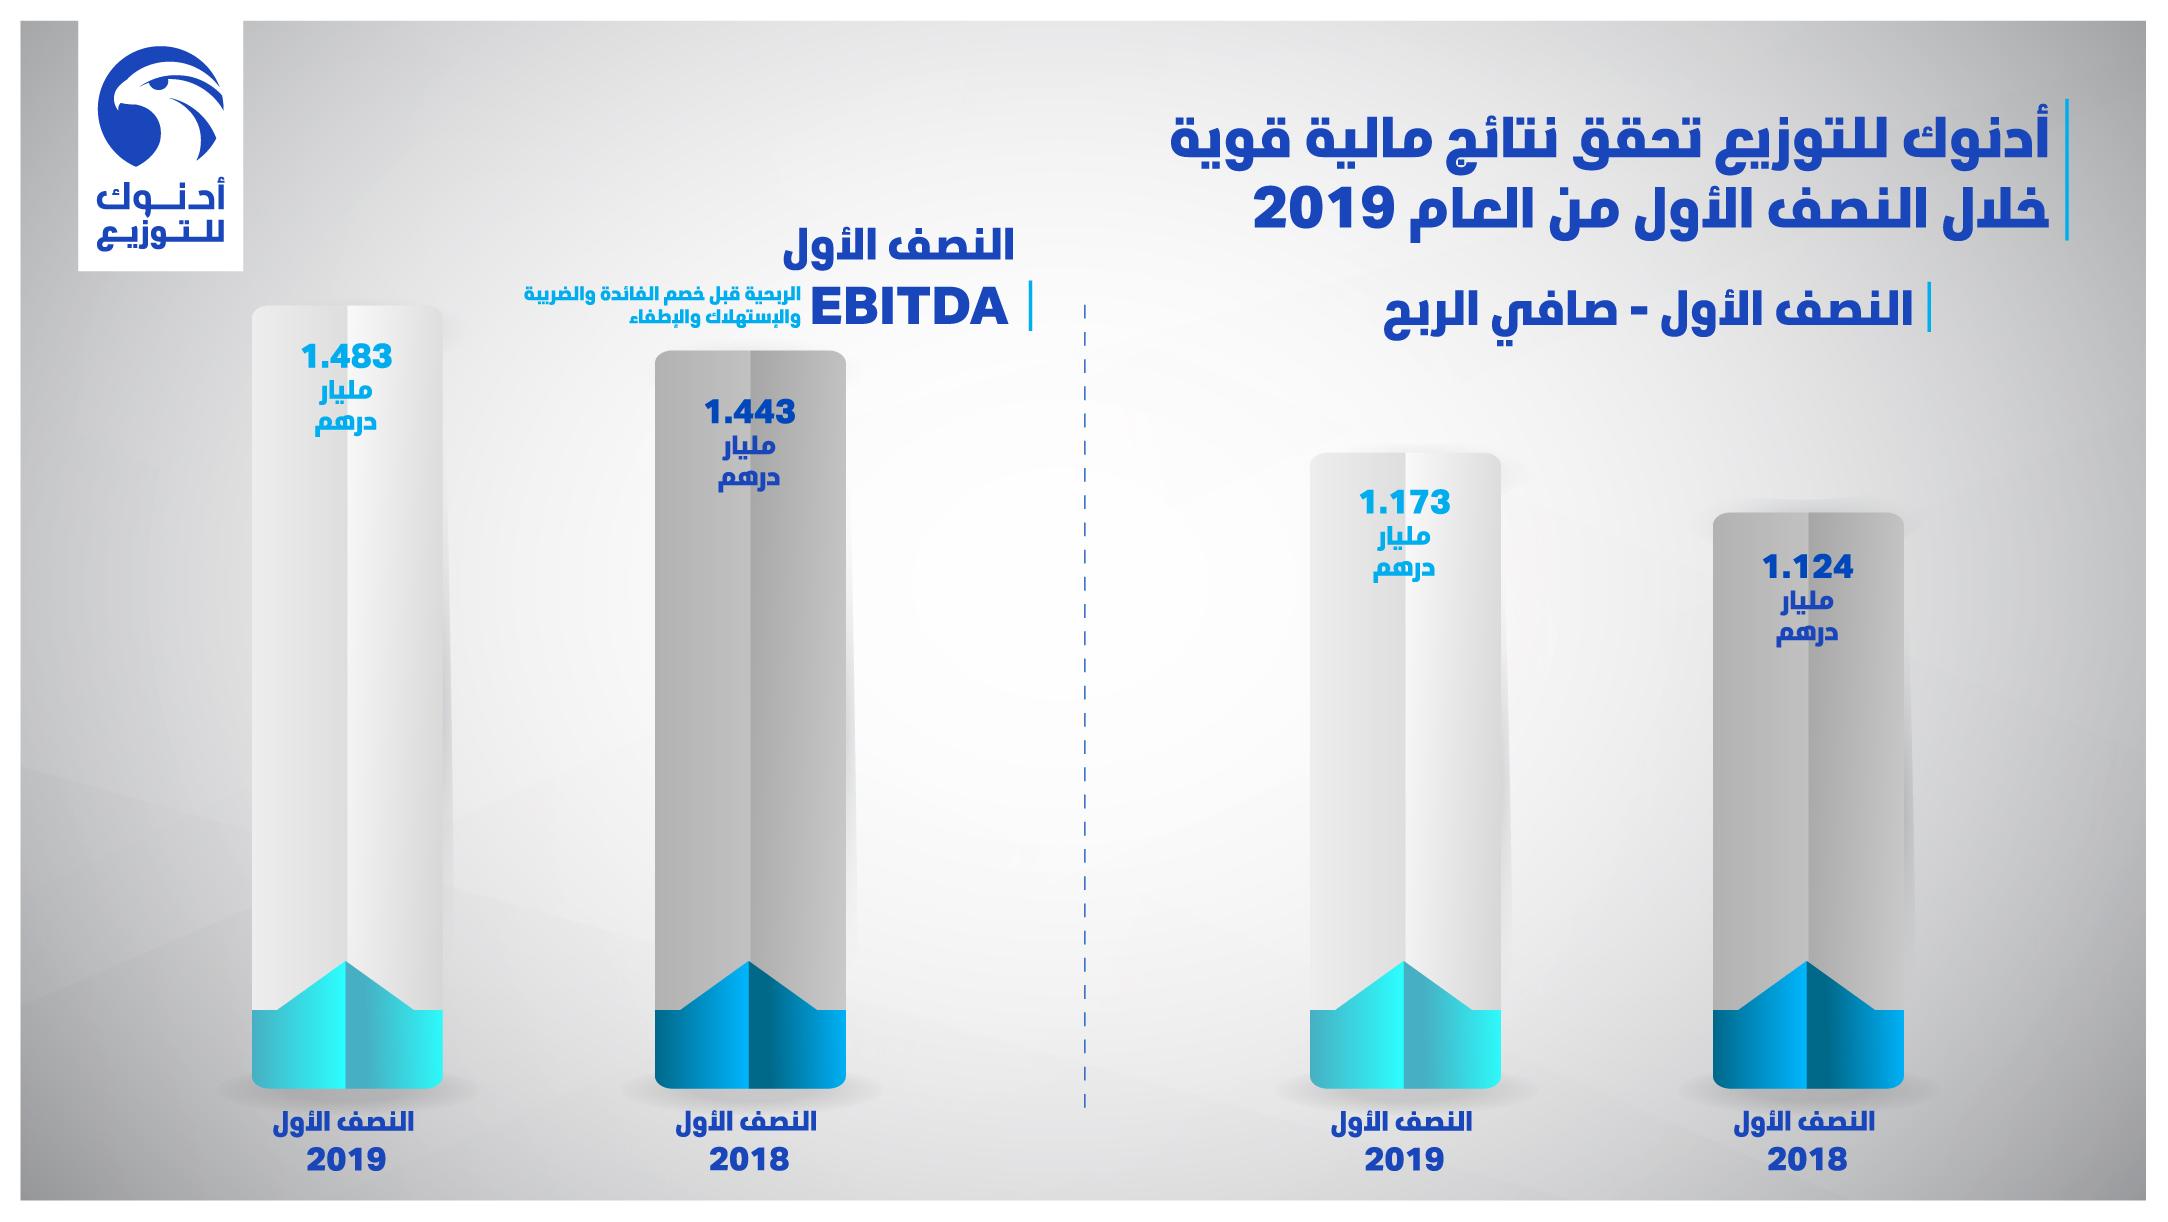 1.17 مليار درهم صافي أرباح أدنوك للتوزيع في النصف الأول 2019